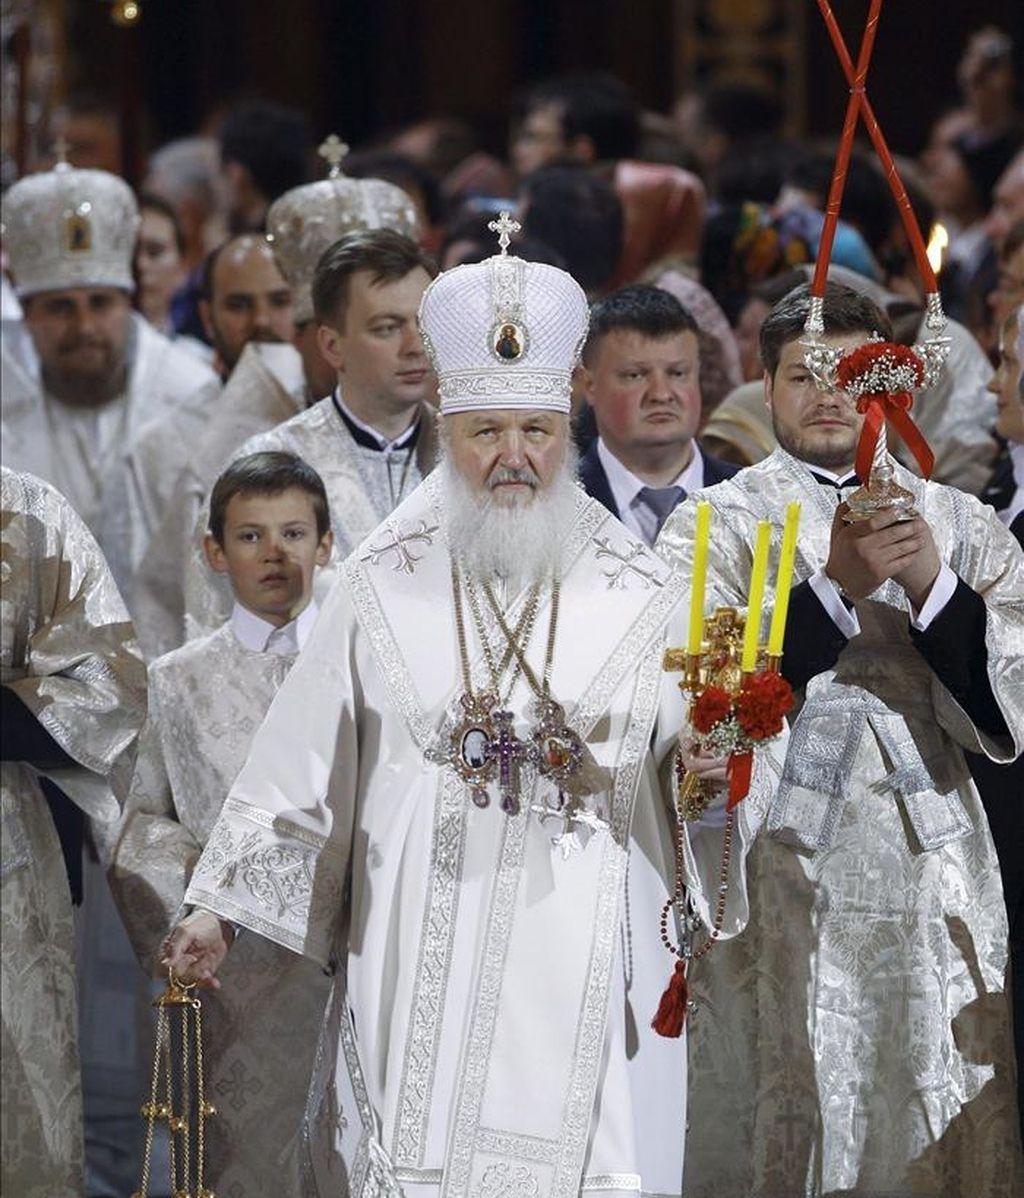 El patriarca de la Iglesia Ortodoxa Rusa (IOR), Kiril (c), oficia hoy una misa de Domingo de Resurrección en la catedral de Cristo el Salvador de Moscú (Rusia). EFE